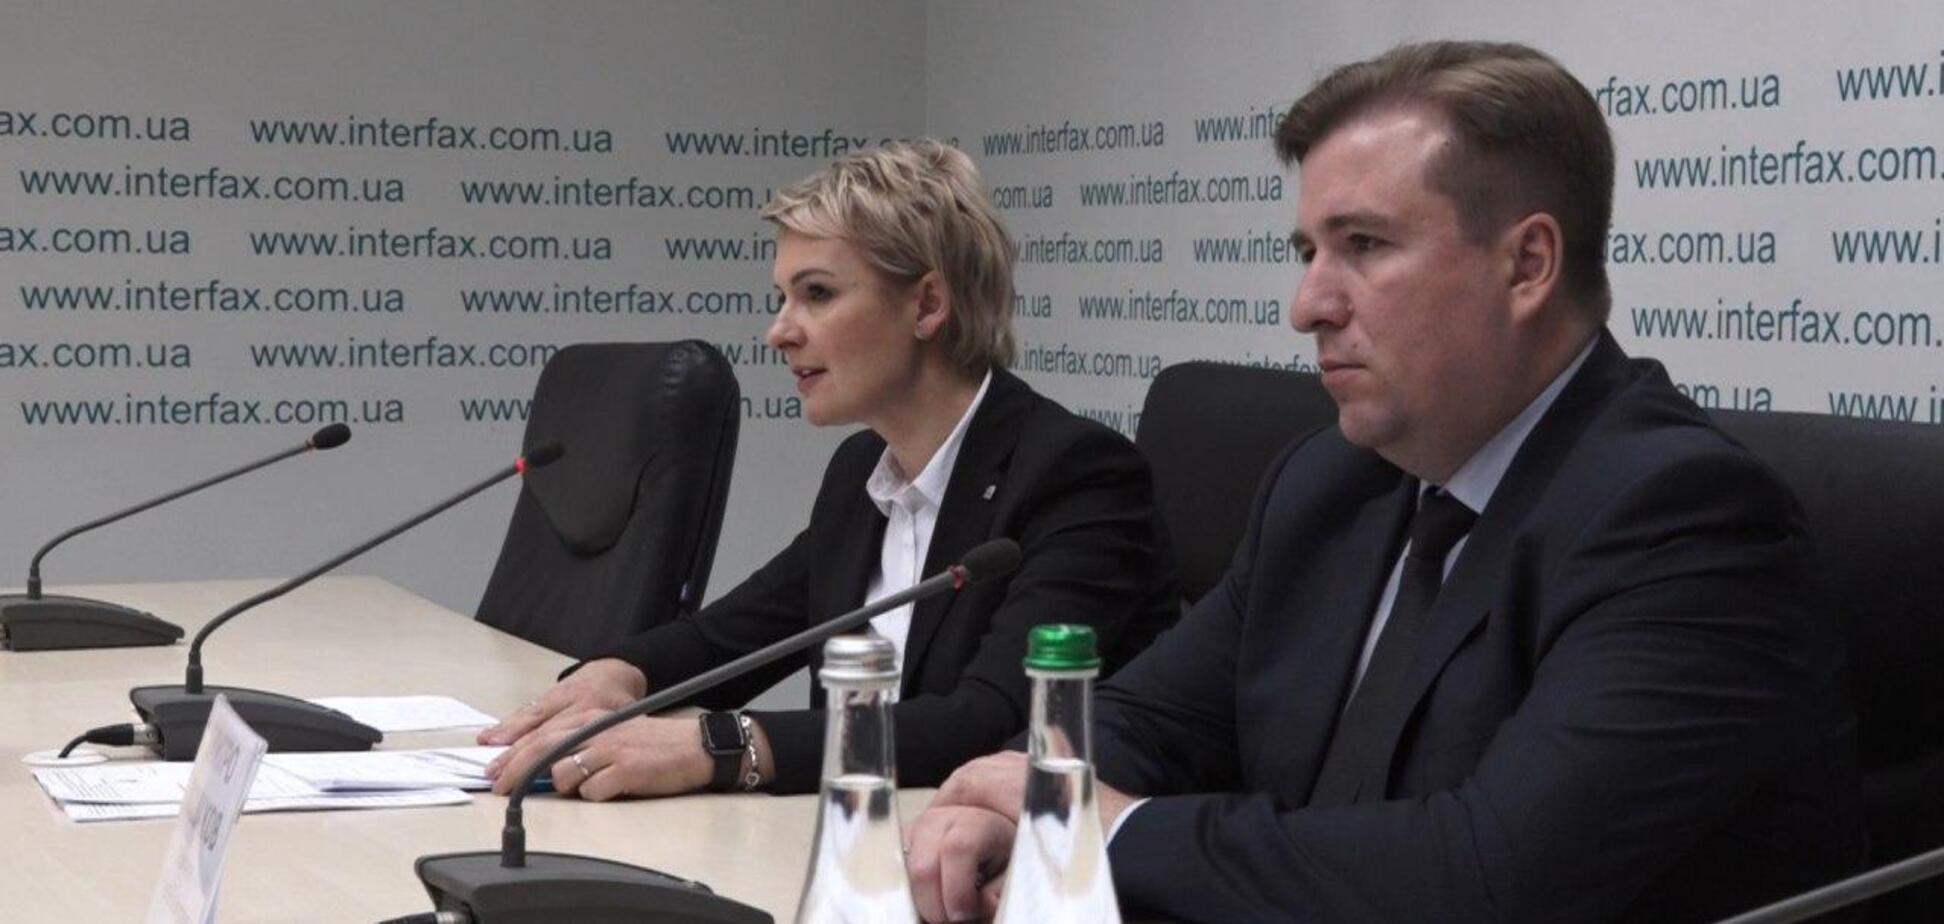 Адвокаты Бахматюка обвинили ВАКС в принятии политического решения